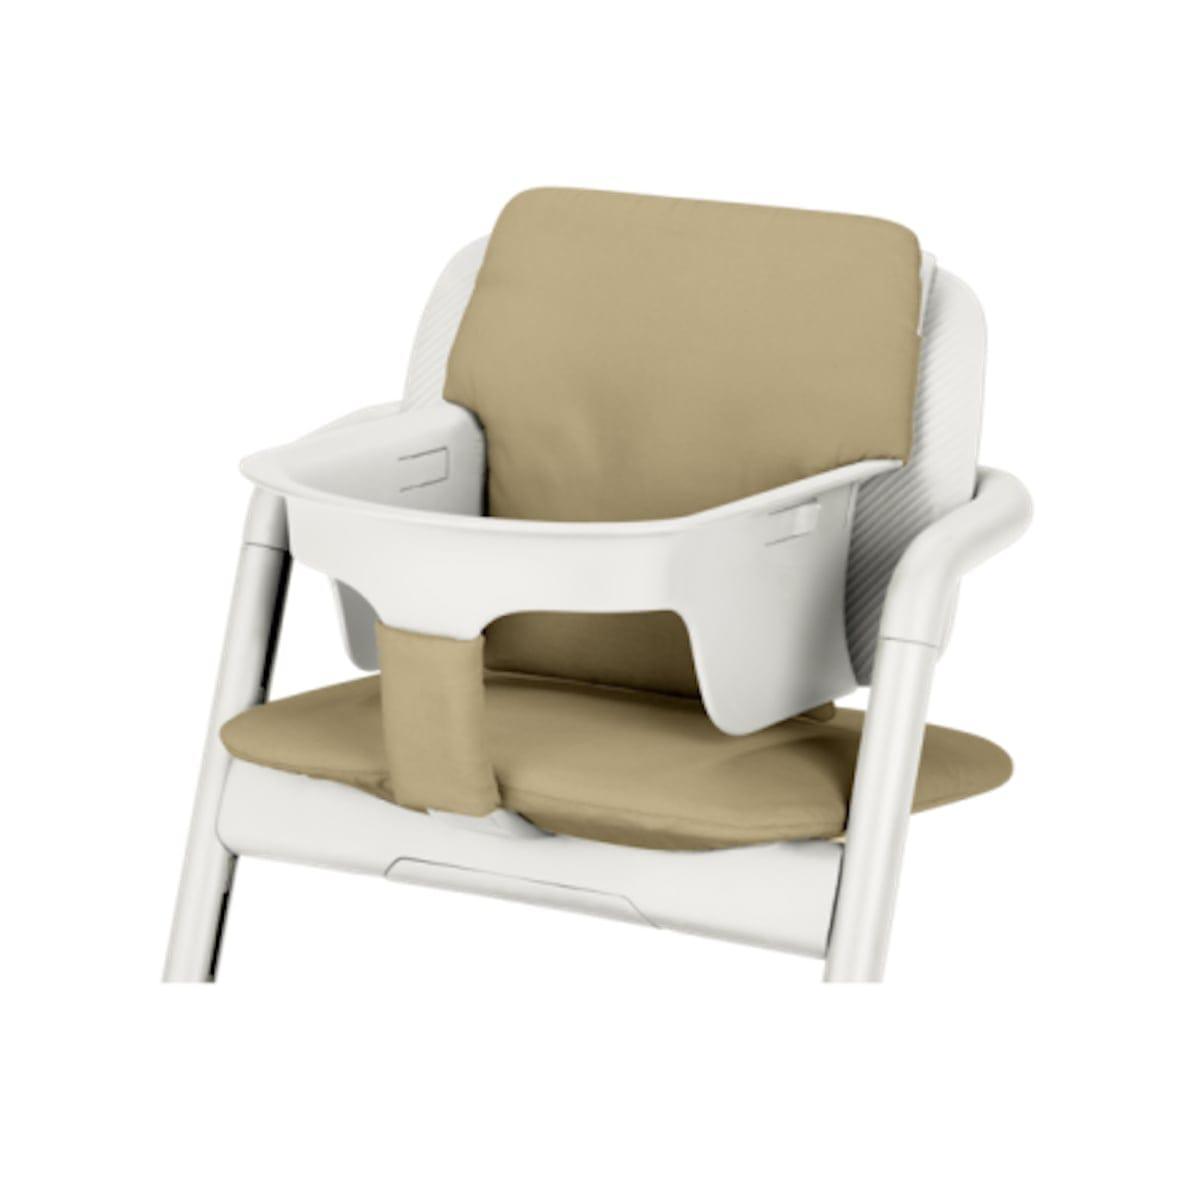 Coussin réducteur chaise haute LEMO Cybex pale beige